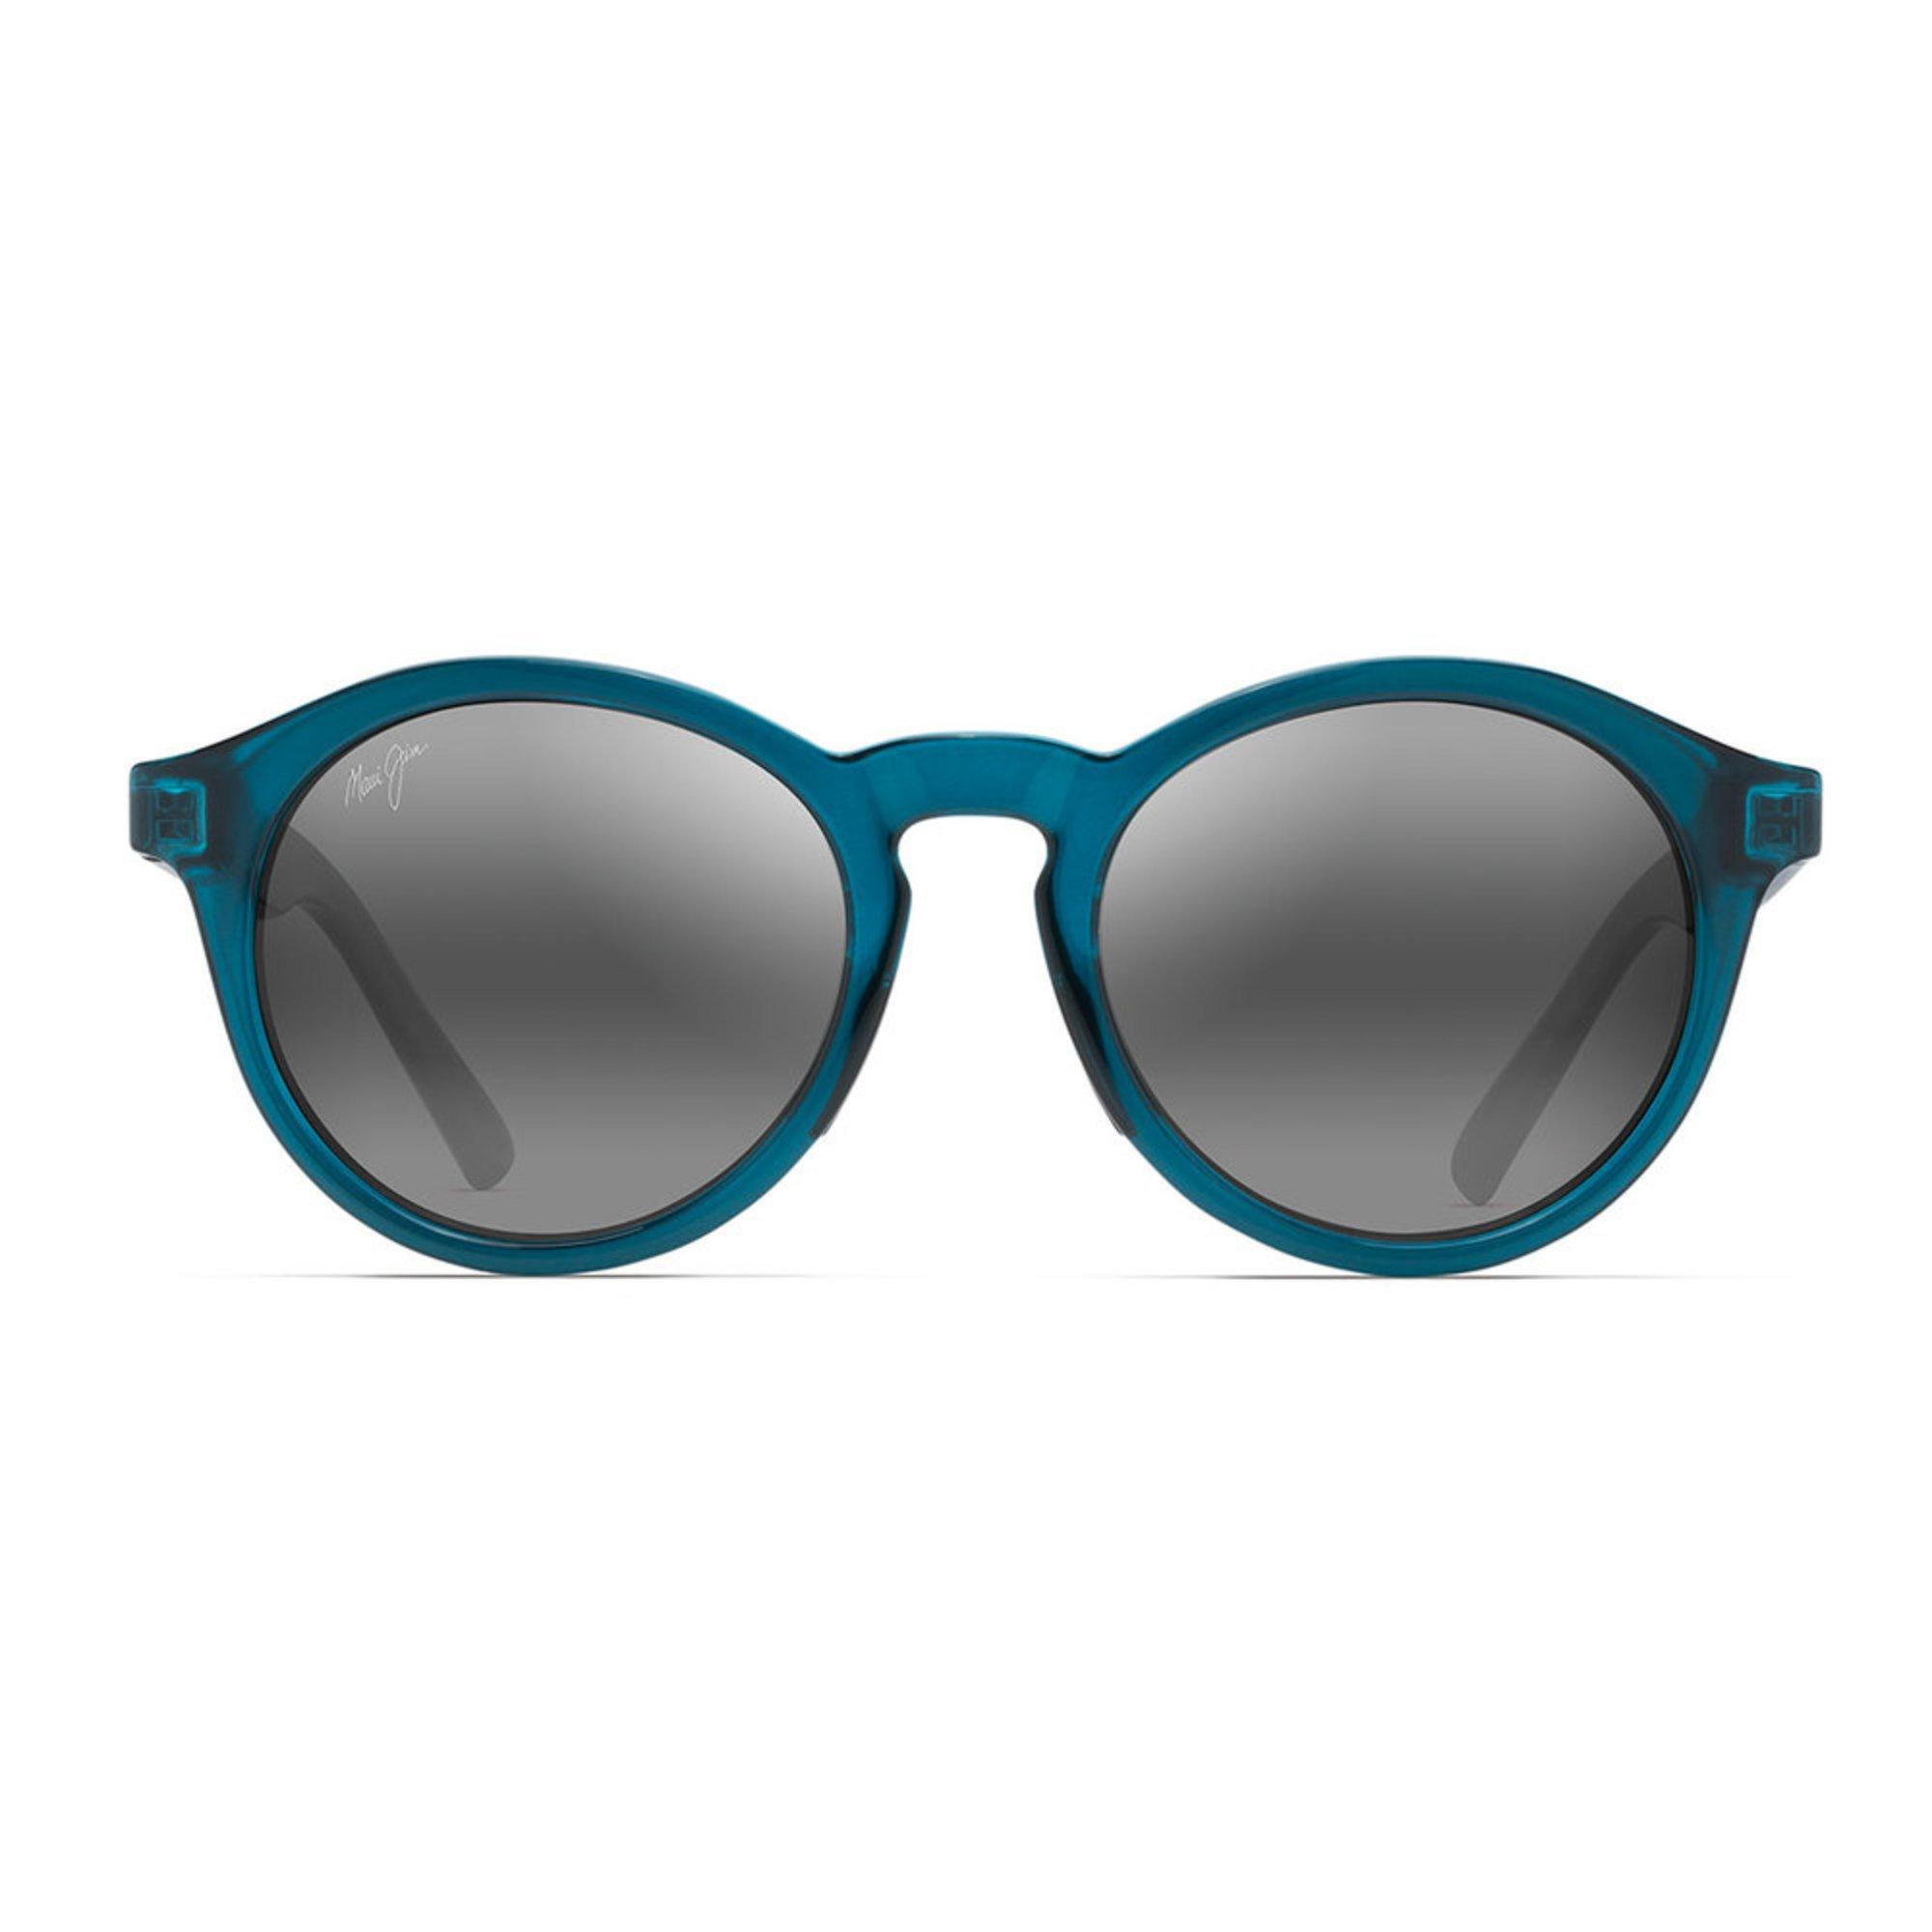 e6dea5bbcf0 Maui Jim Unisex Pineapple Teal Green Classic Sunglasses